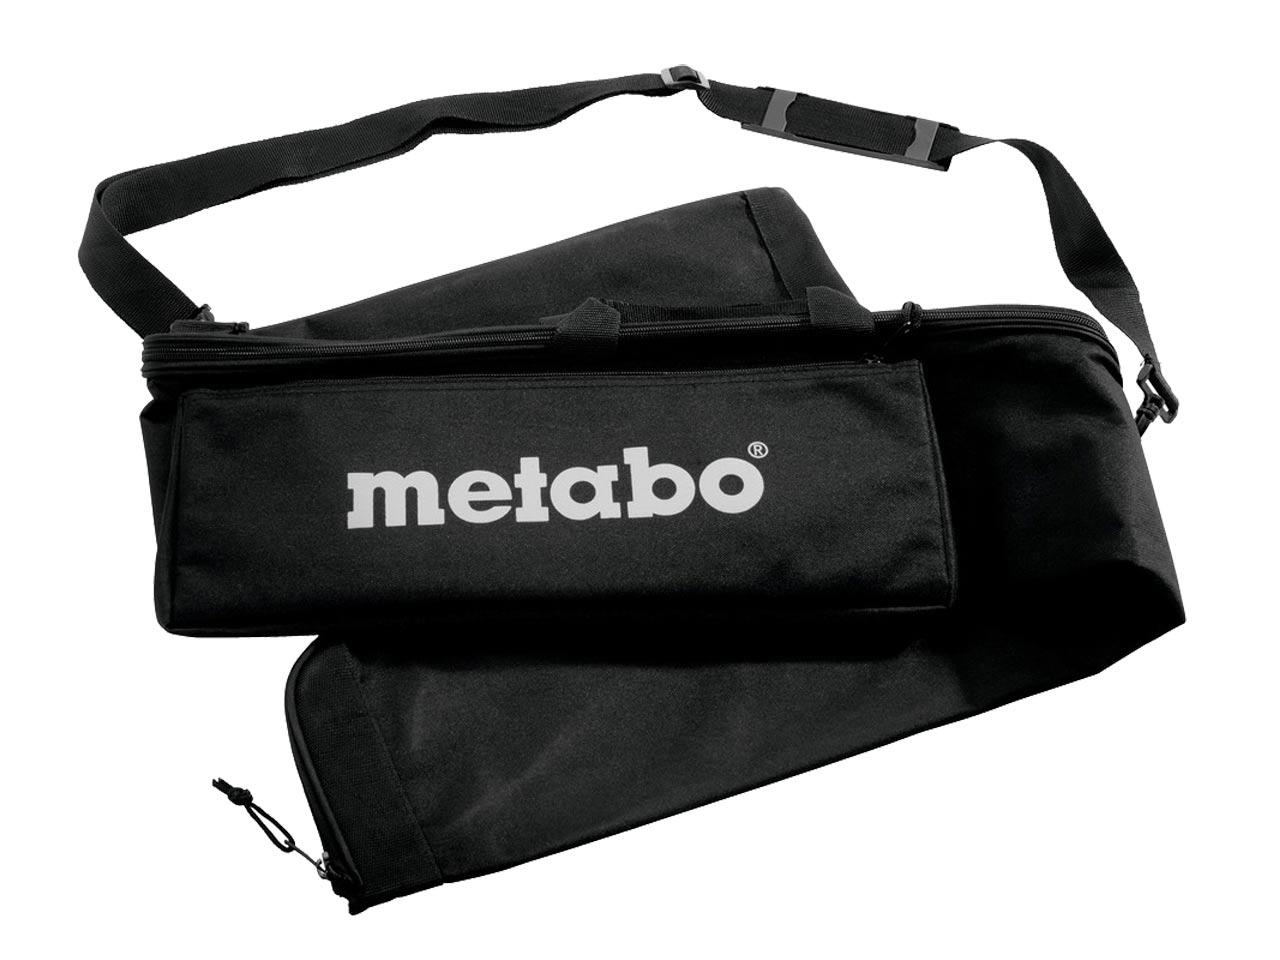 Metabo_FSBAG.jpg